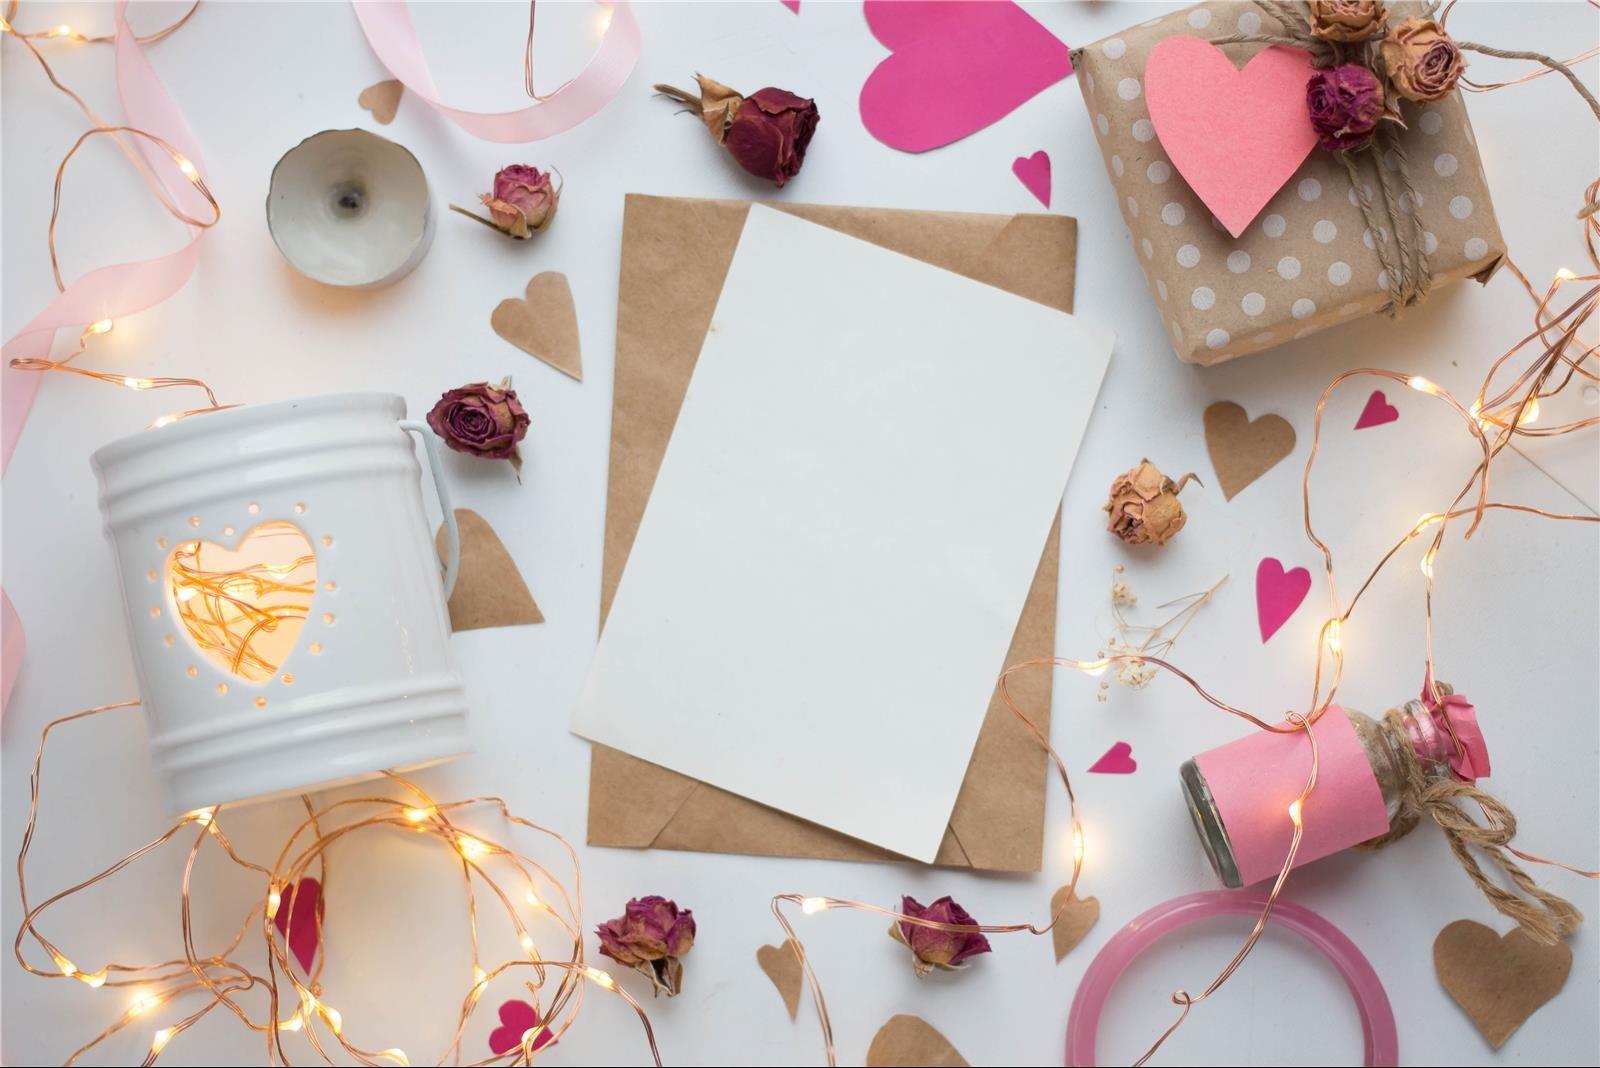 ציטוטים להזמנות (צילום: Shutterstock)